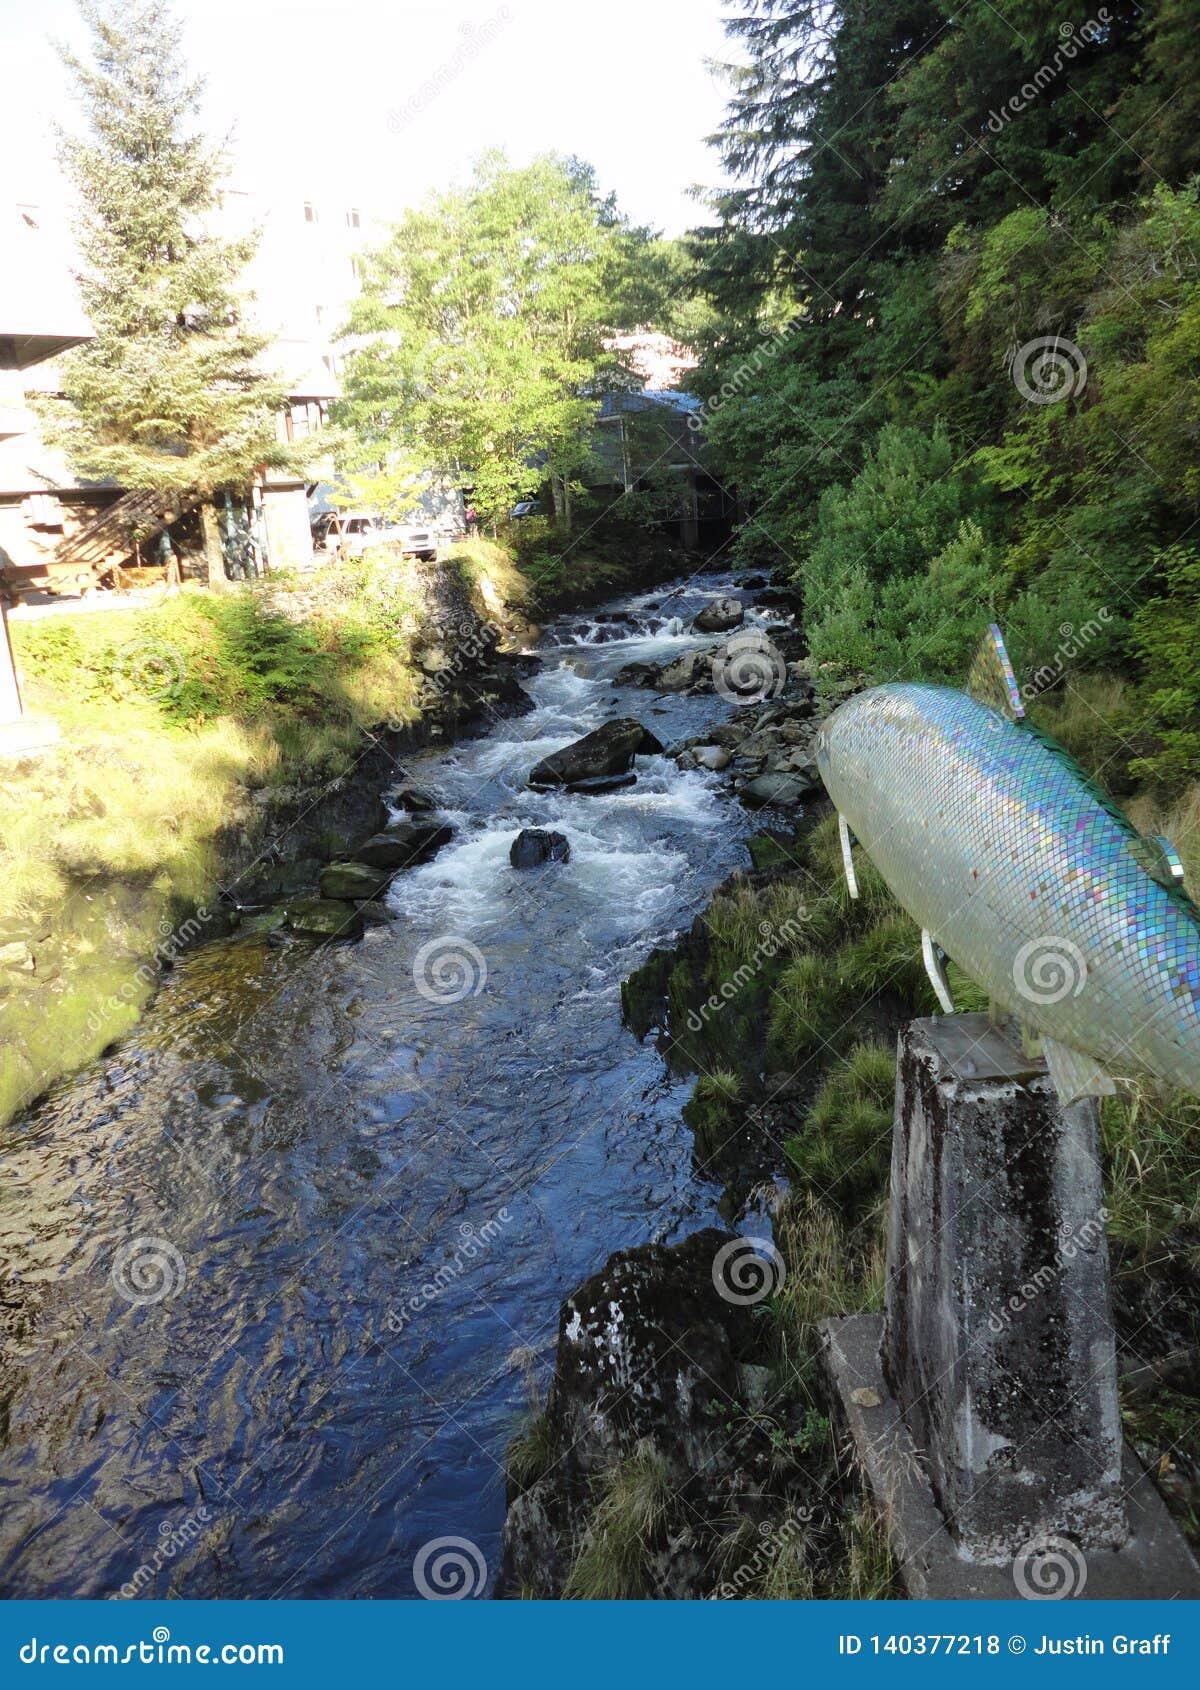 Zalm in Stroom tijdens Zalm die in Alaska in werking wordt gesteld Vissen die naar hun plaats van geboorte van zoutwater aan kuit